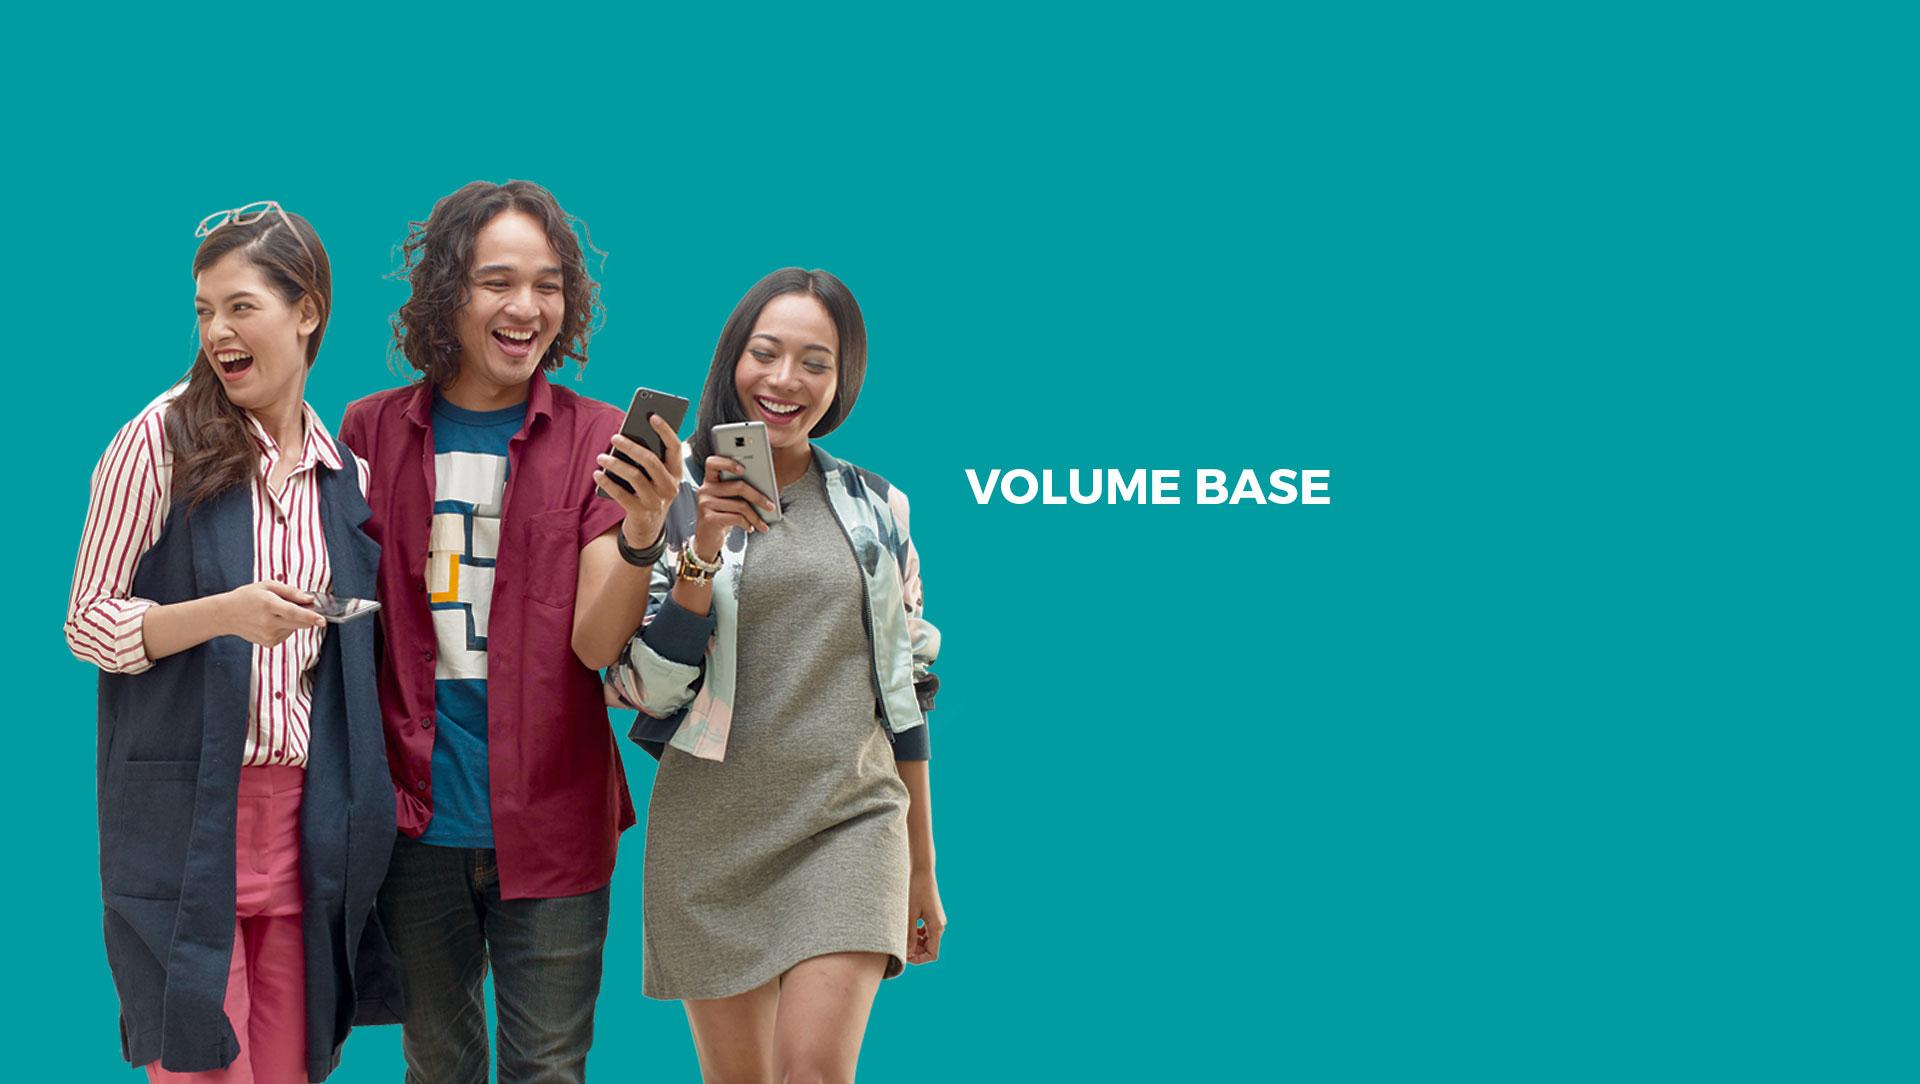 Smartfren Volume Based